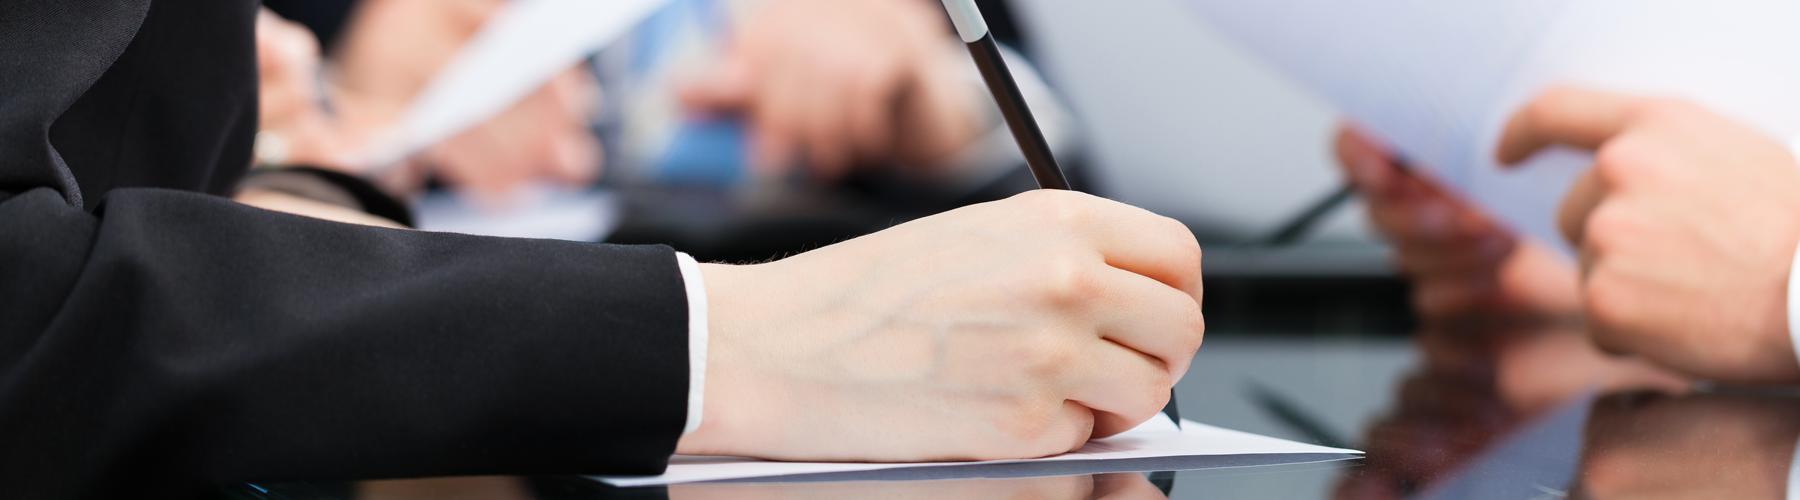 Jobs Act Il Contratto A Tutele Crescenti In Sintesi E I